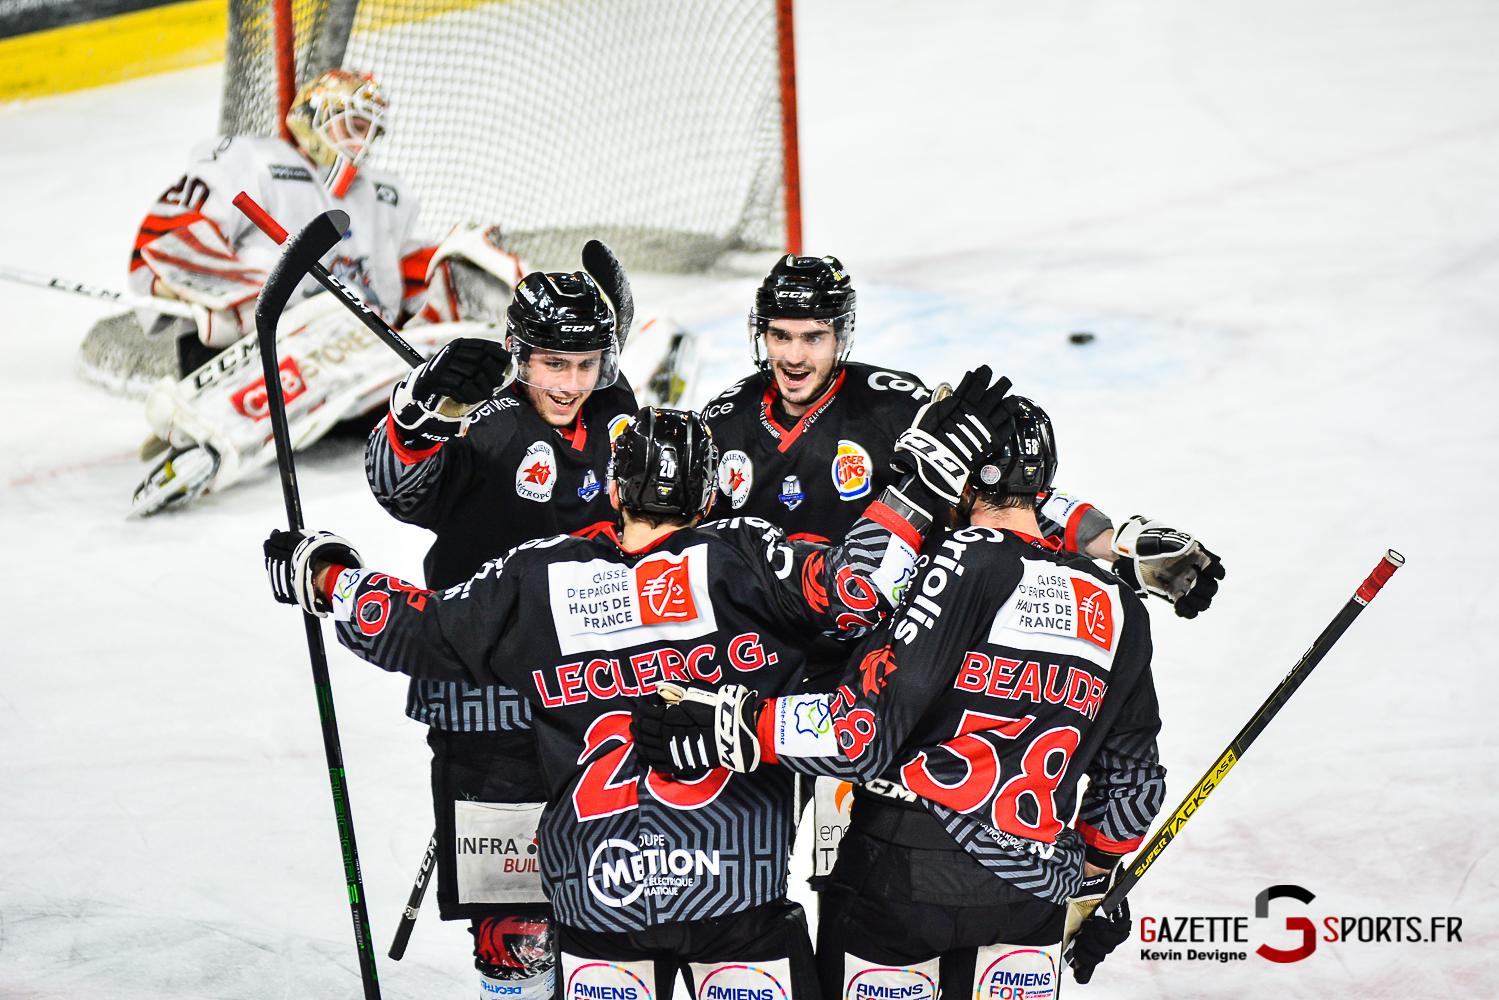 Hockey Sur Glace Amiens Vs Bordeaux J15 Kevin Devigne Gazettesports 94